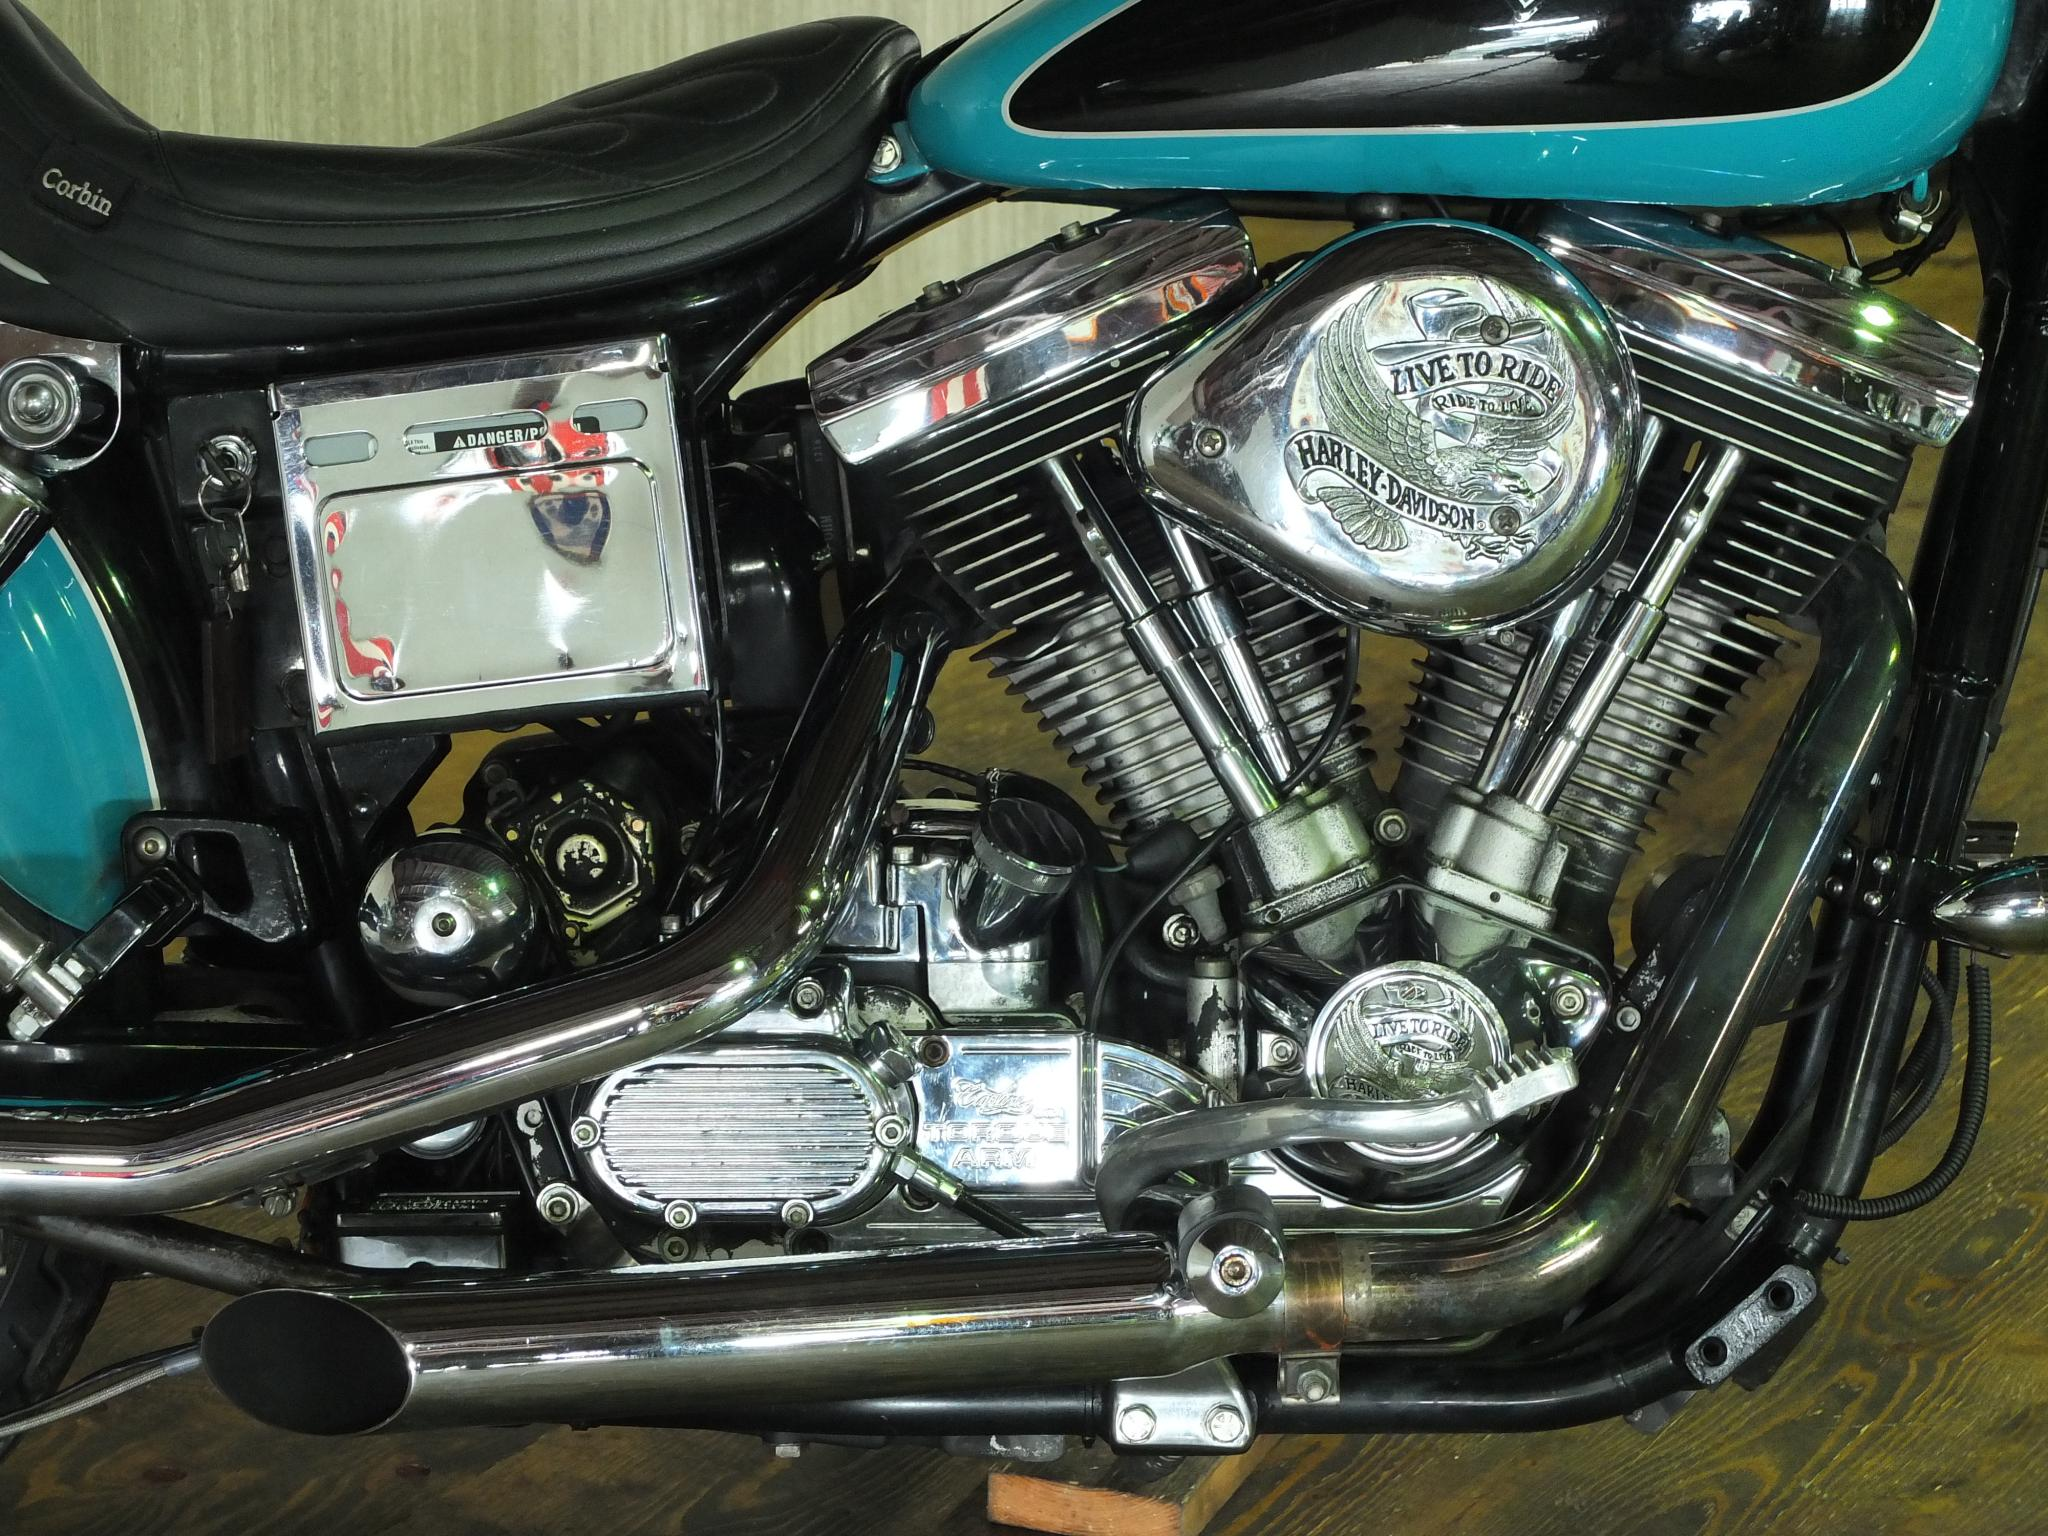 ハーレーダビッドソン 1993 FXDL 車体写真7